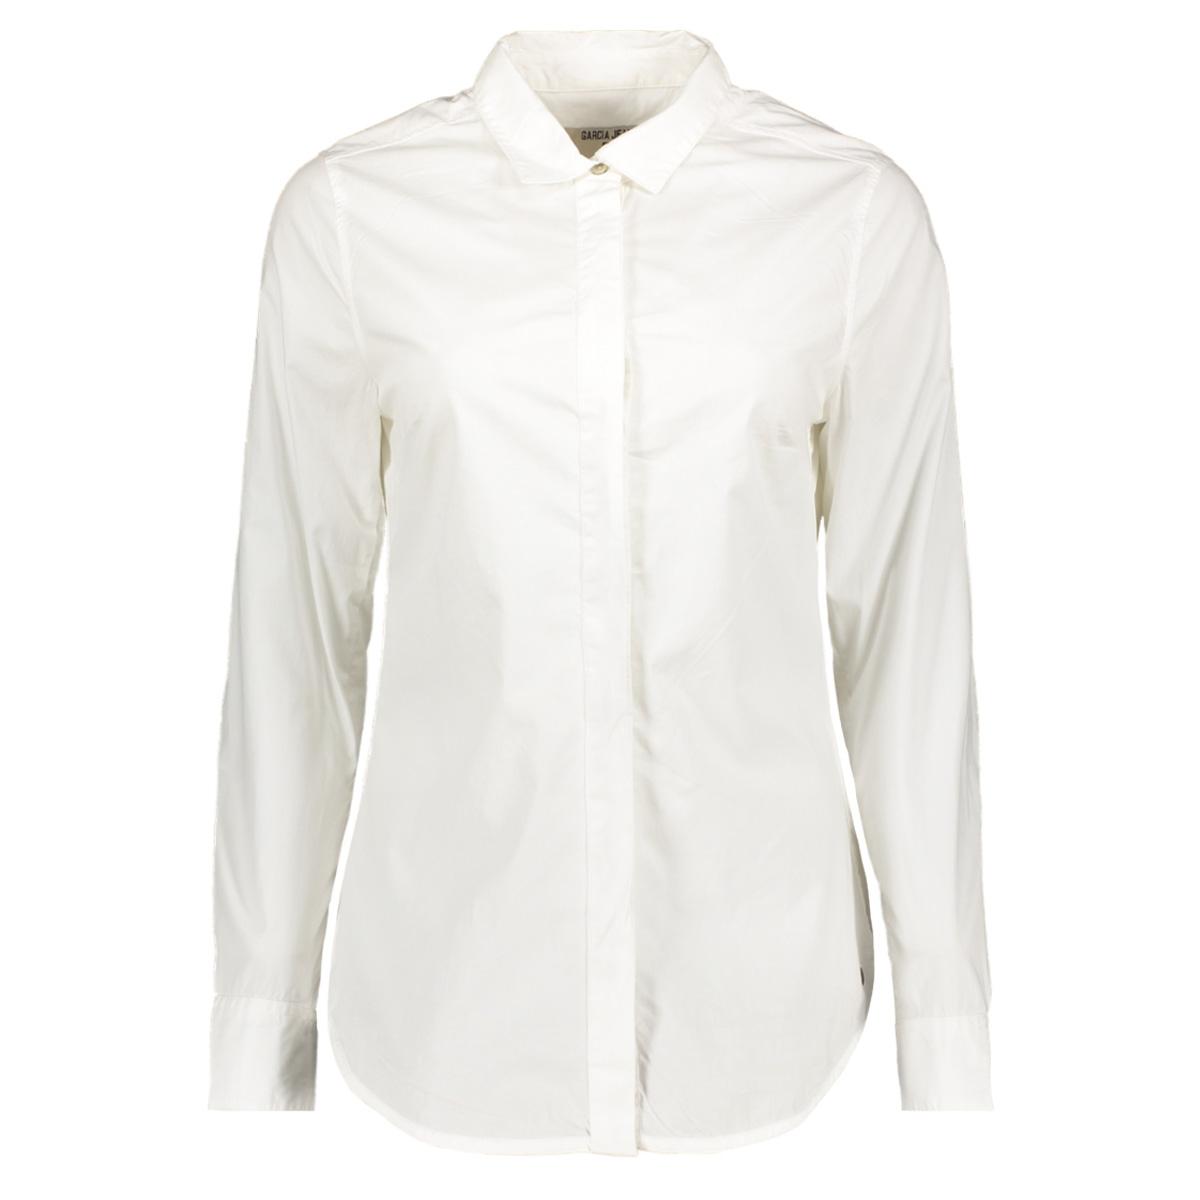 z00031 simona garcia blouse 50 white